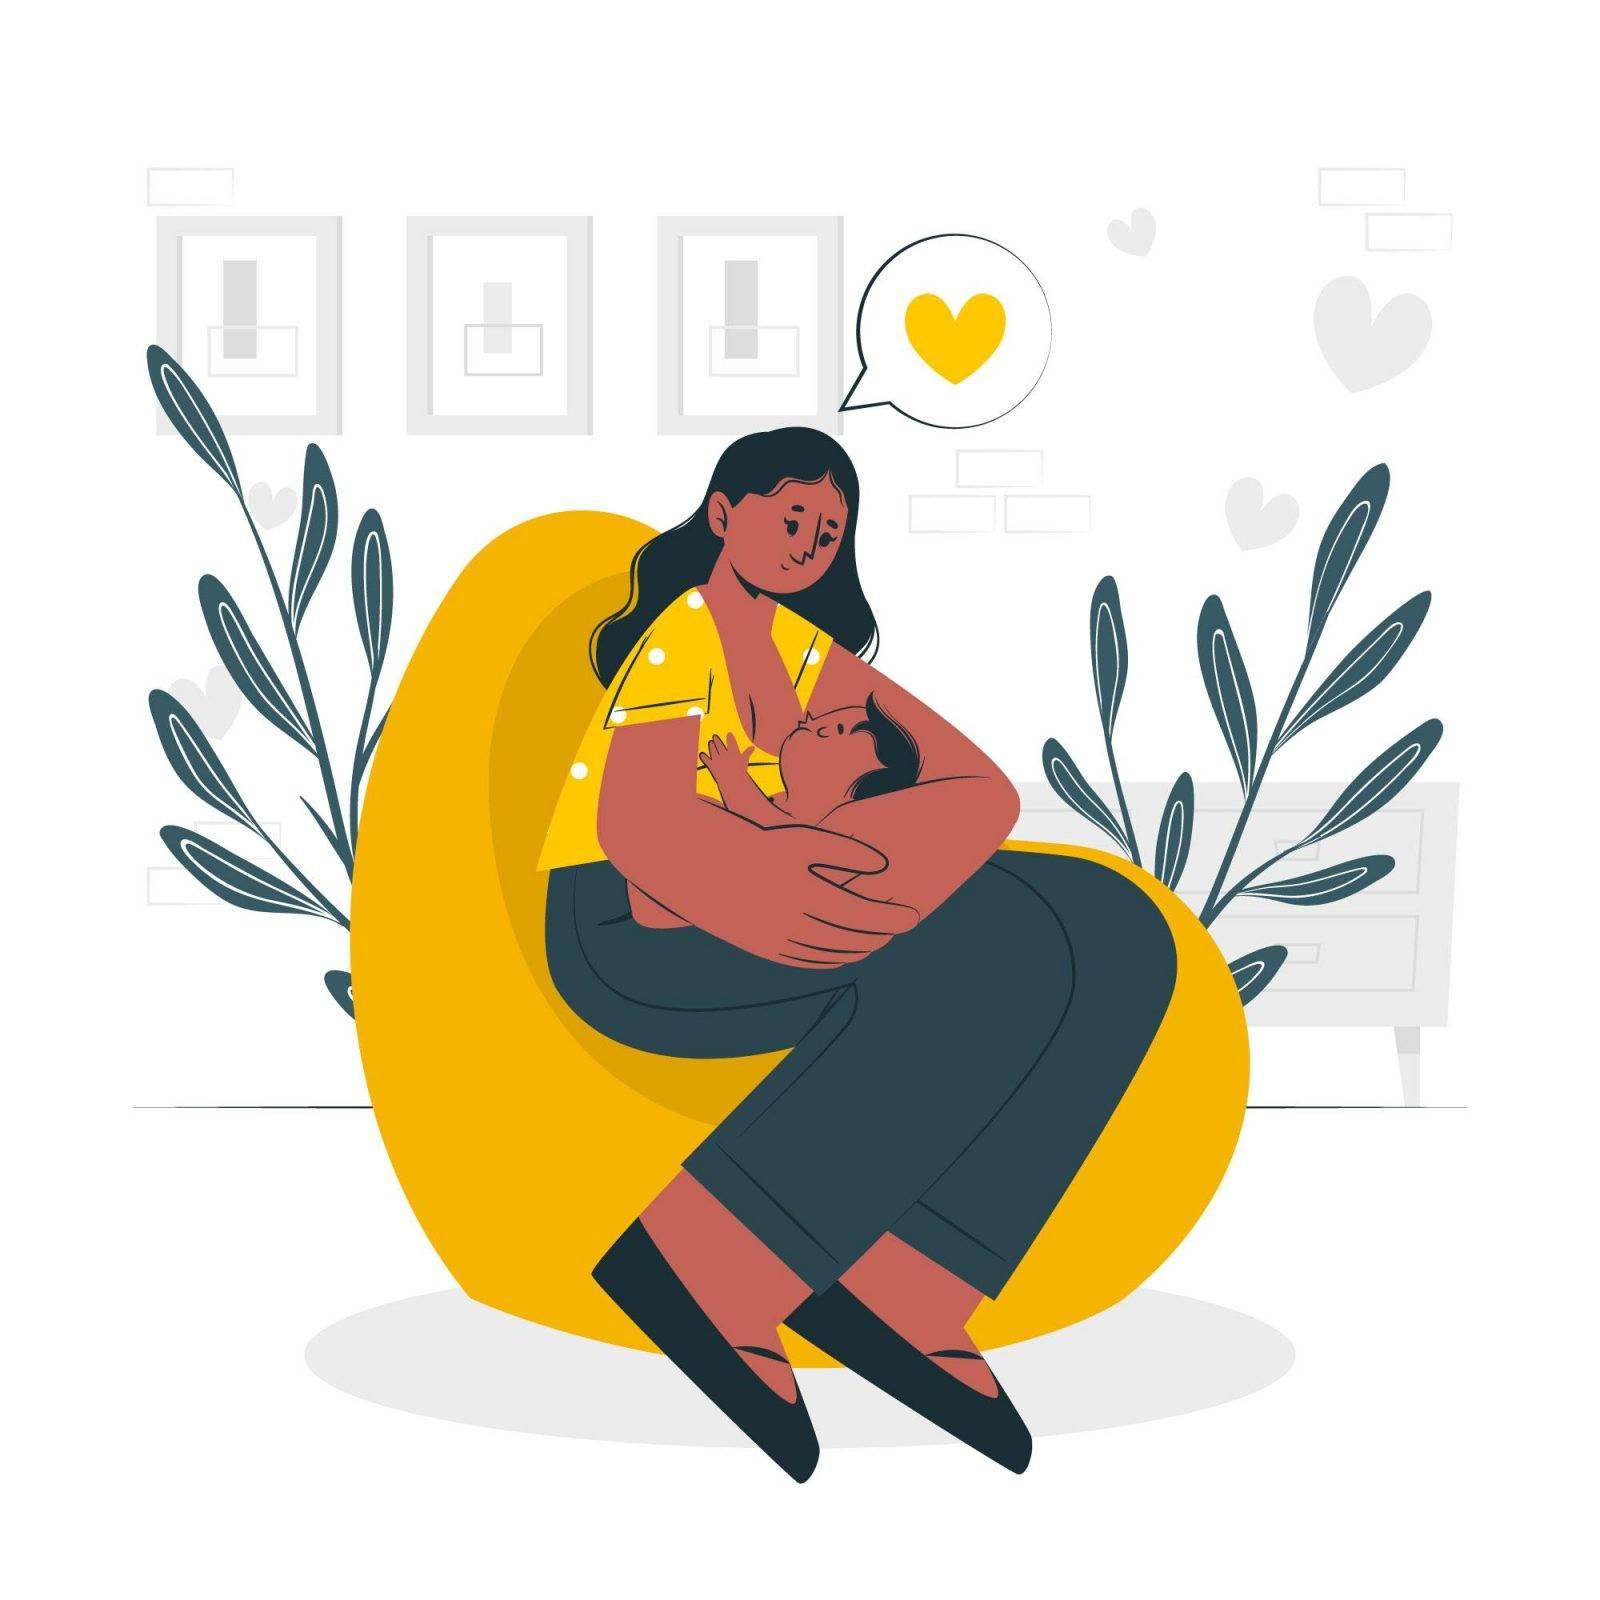 La nueva ley de lactancia materna en Puebla impone multas a las empresas que impidan o no habiliten lugares para que las madres amamanten a sus bebés.